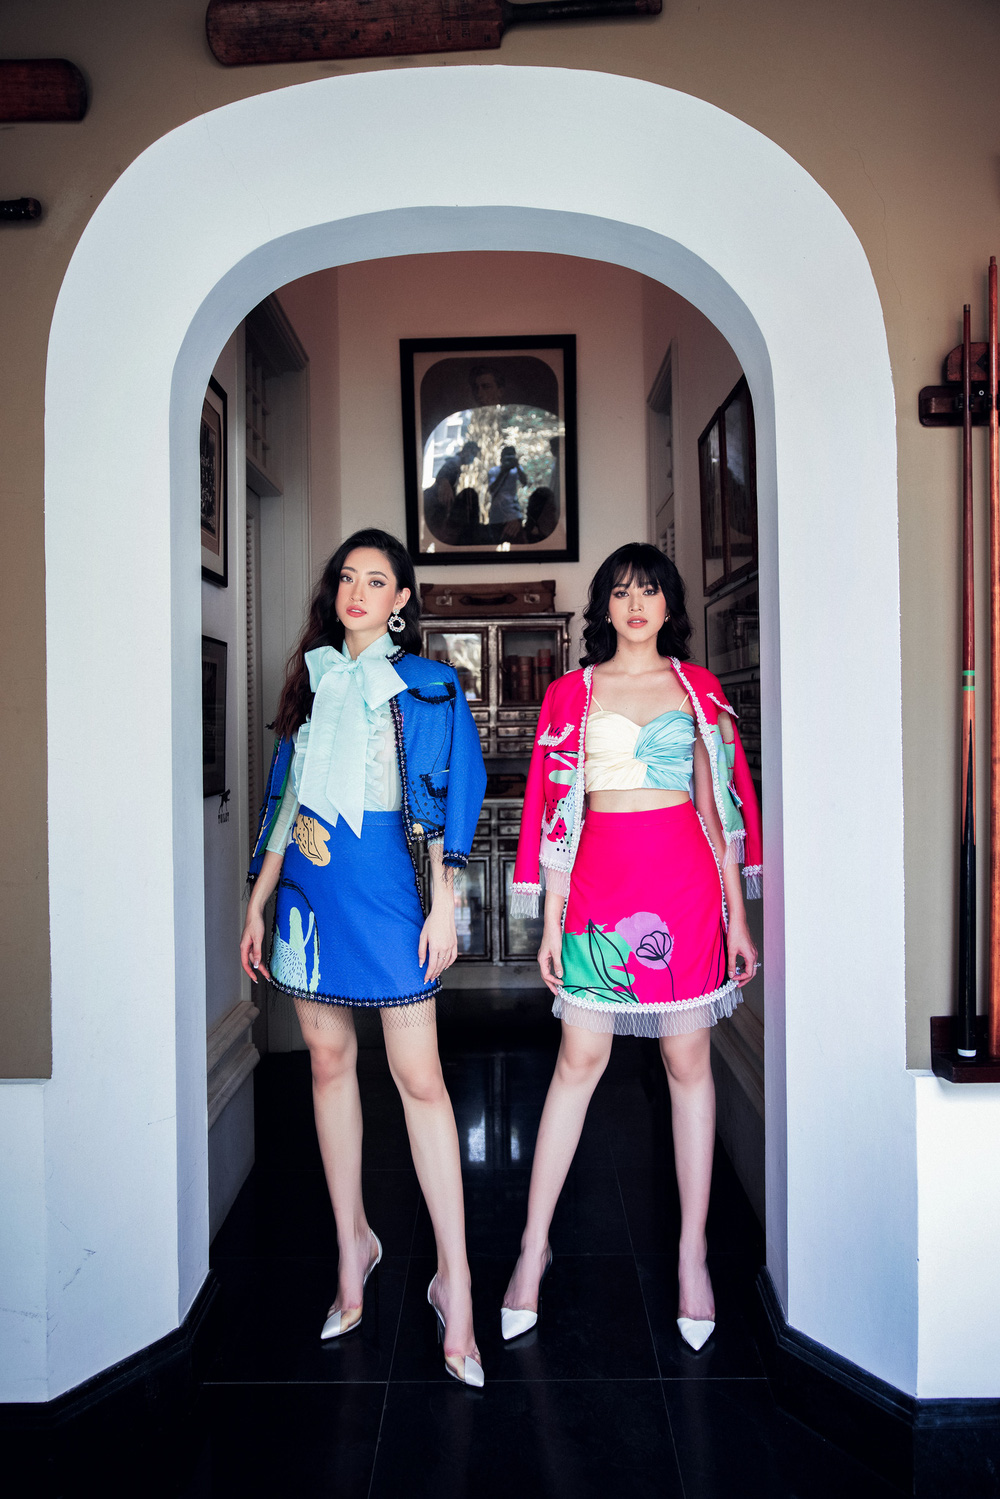 Hoa hậu Đỗ Thị Hà khác lạ với tóc mái ngang - Ảnh 1.